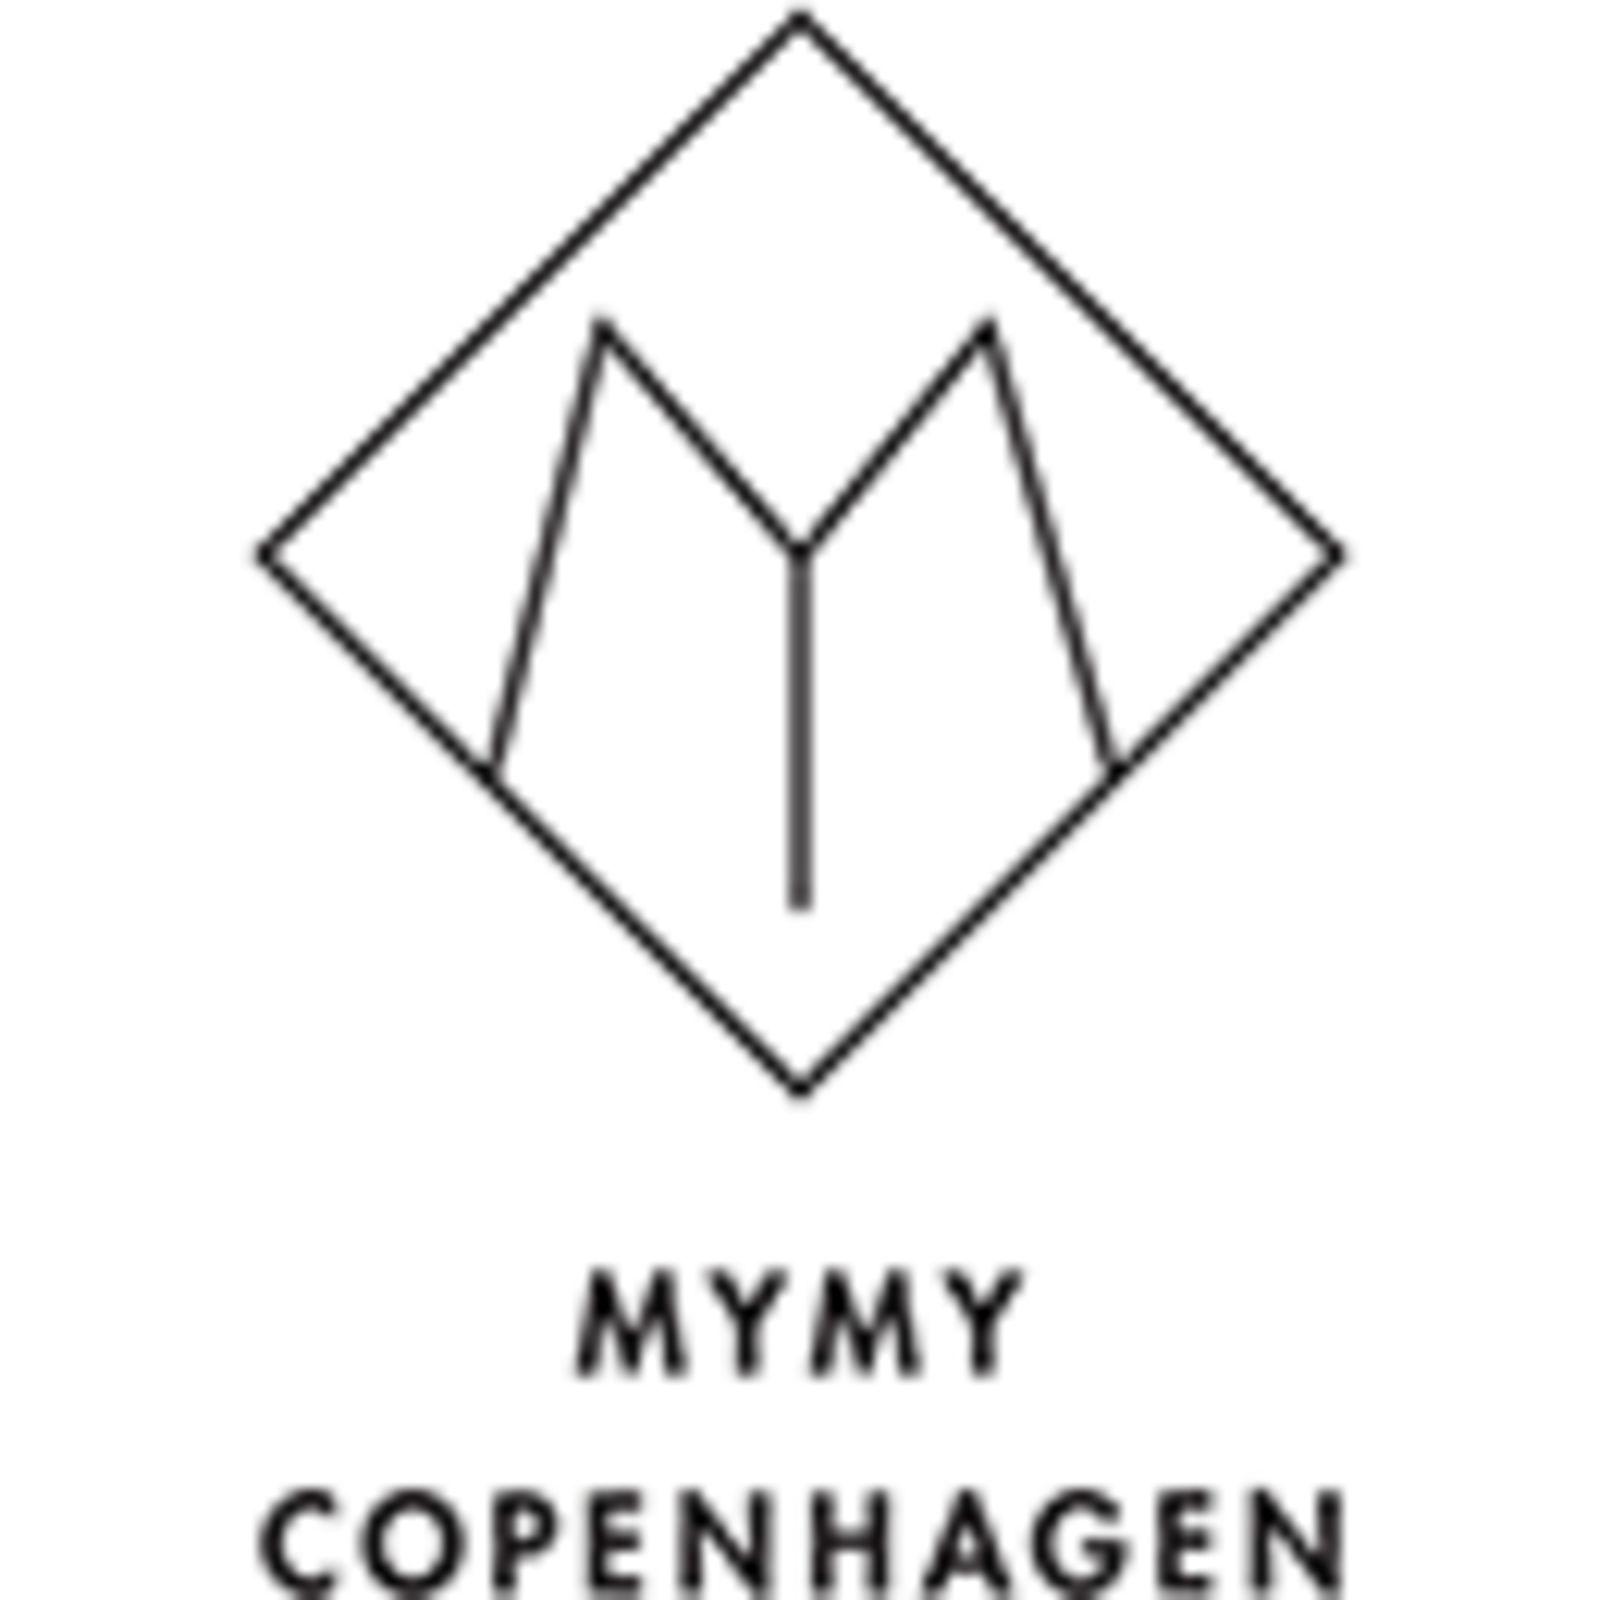 MYMY COPENHAGEN